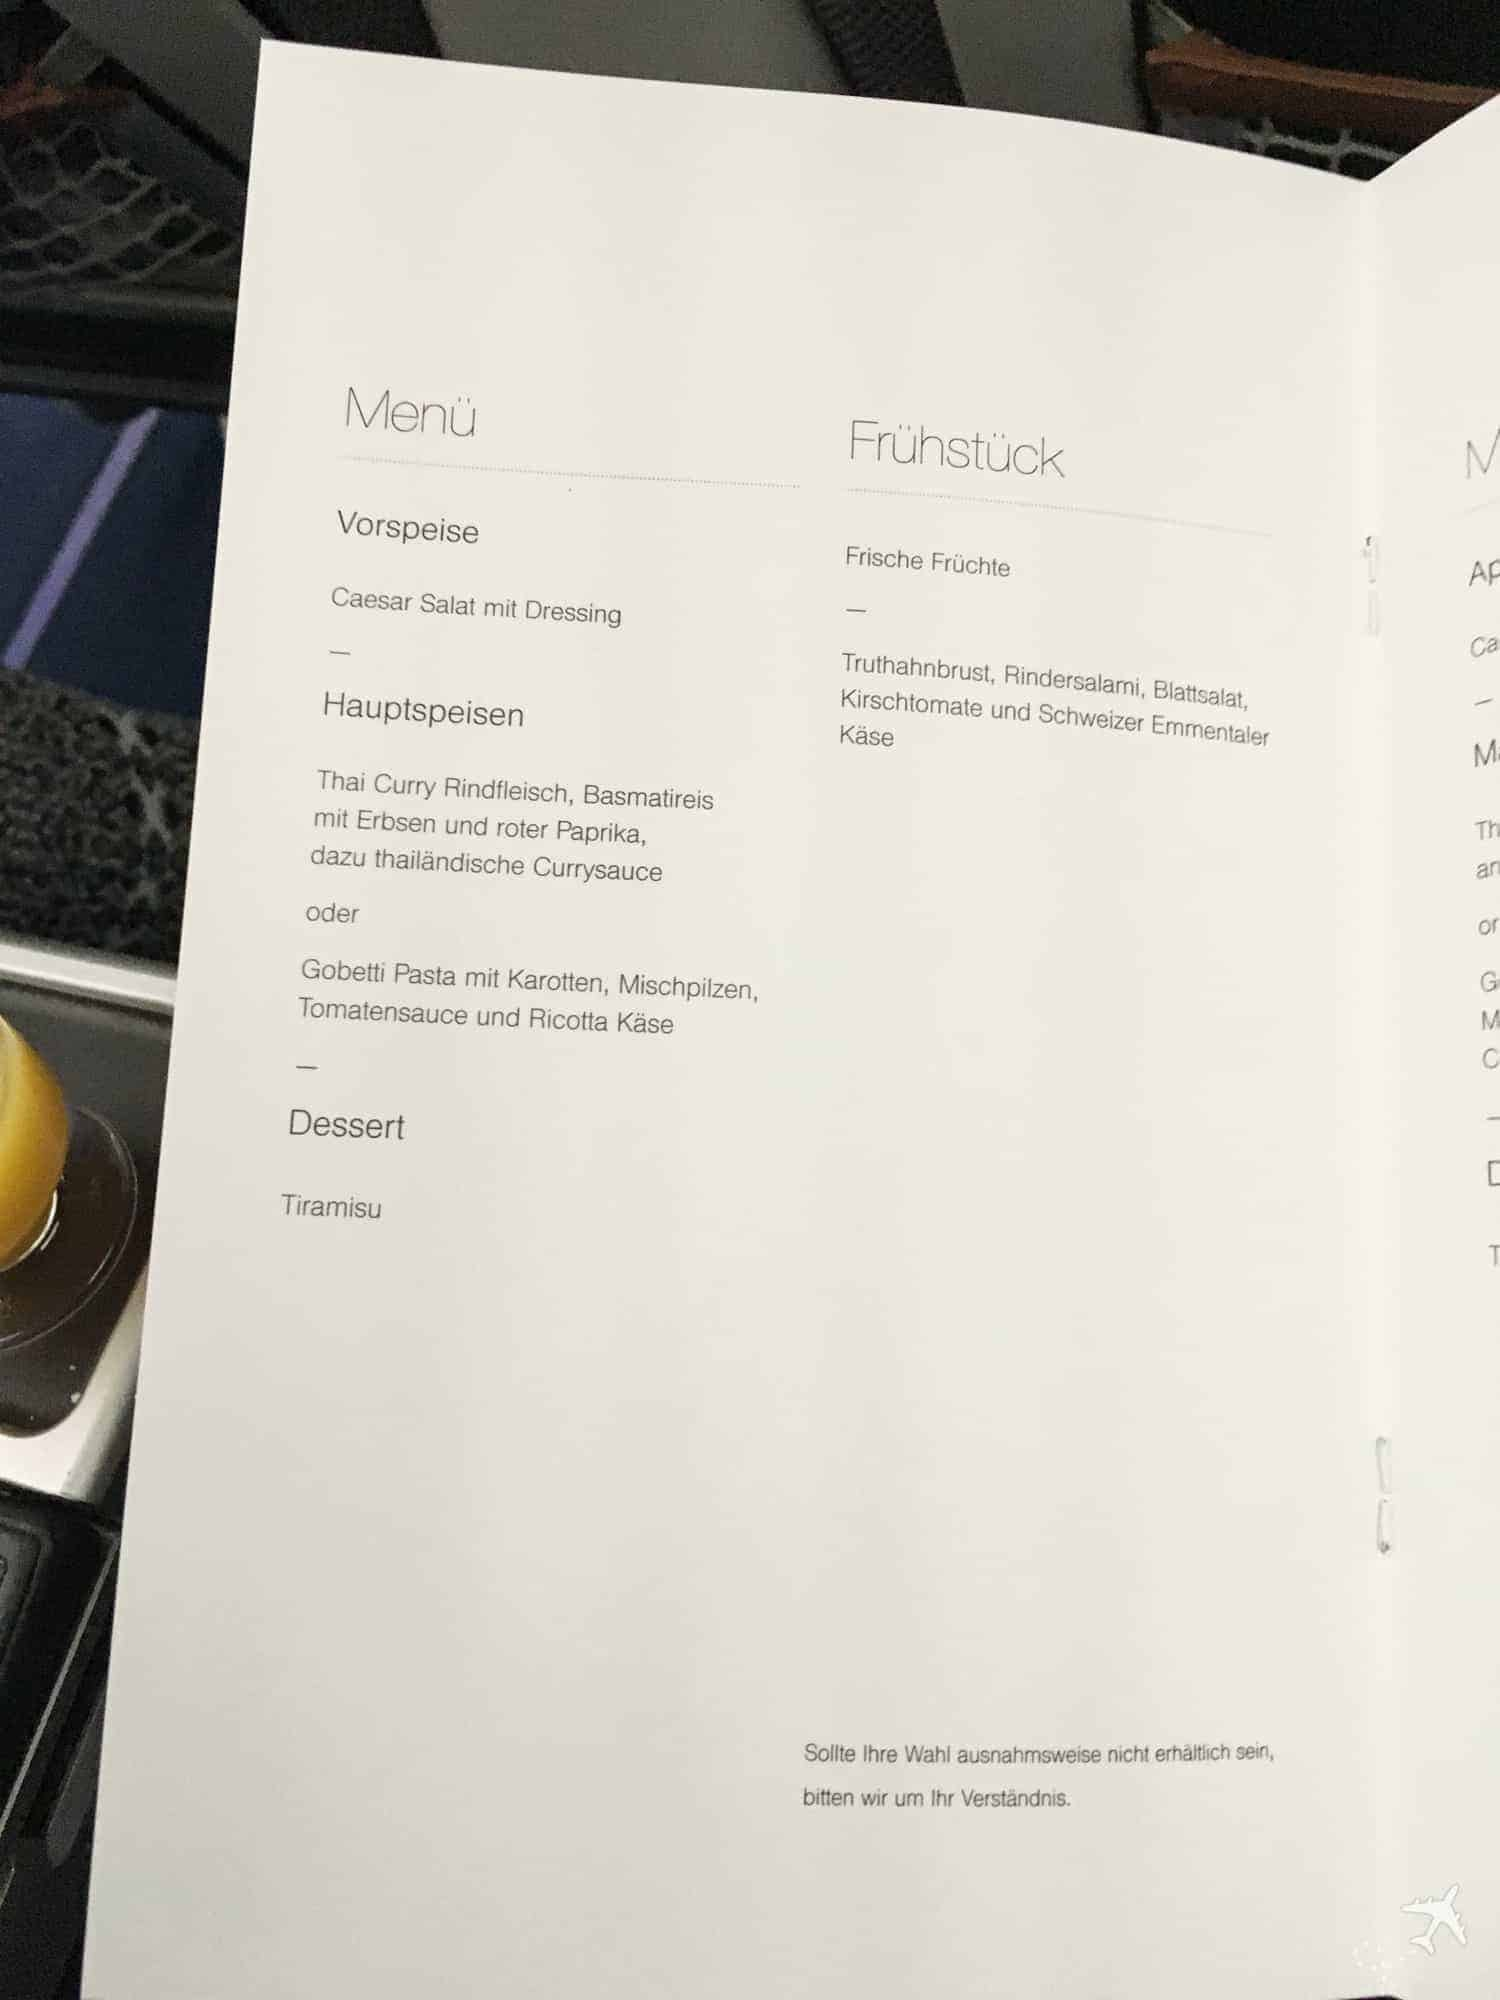 Lufthansa Premium Economy Class Menü Frühstück